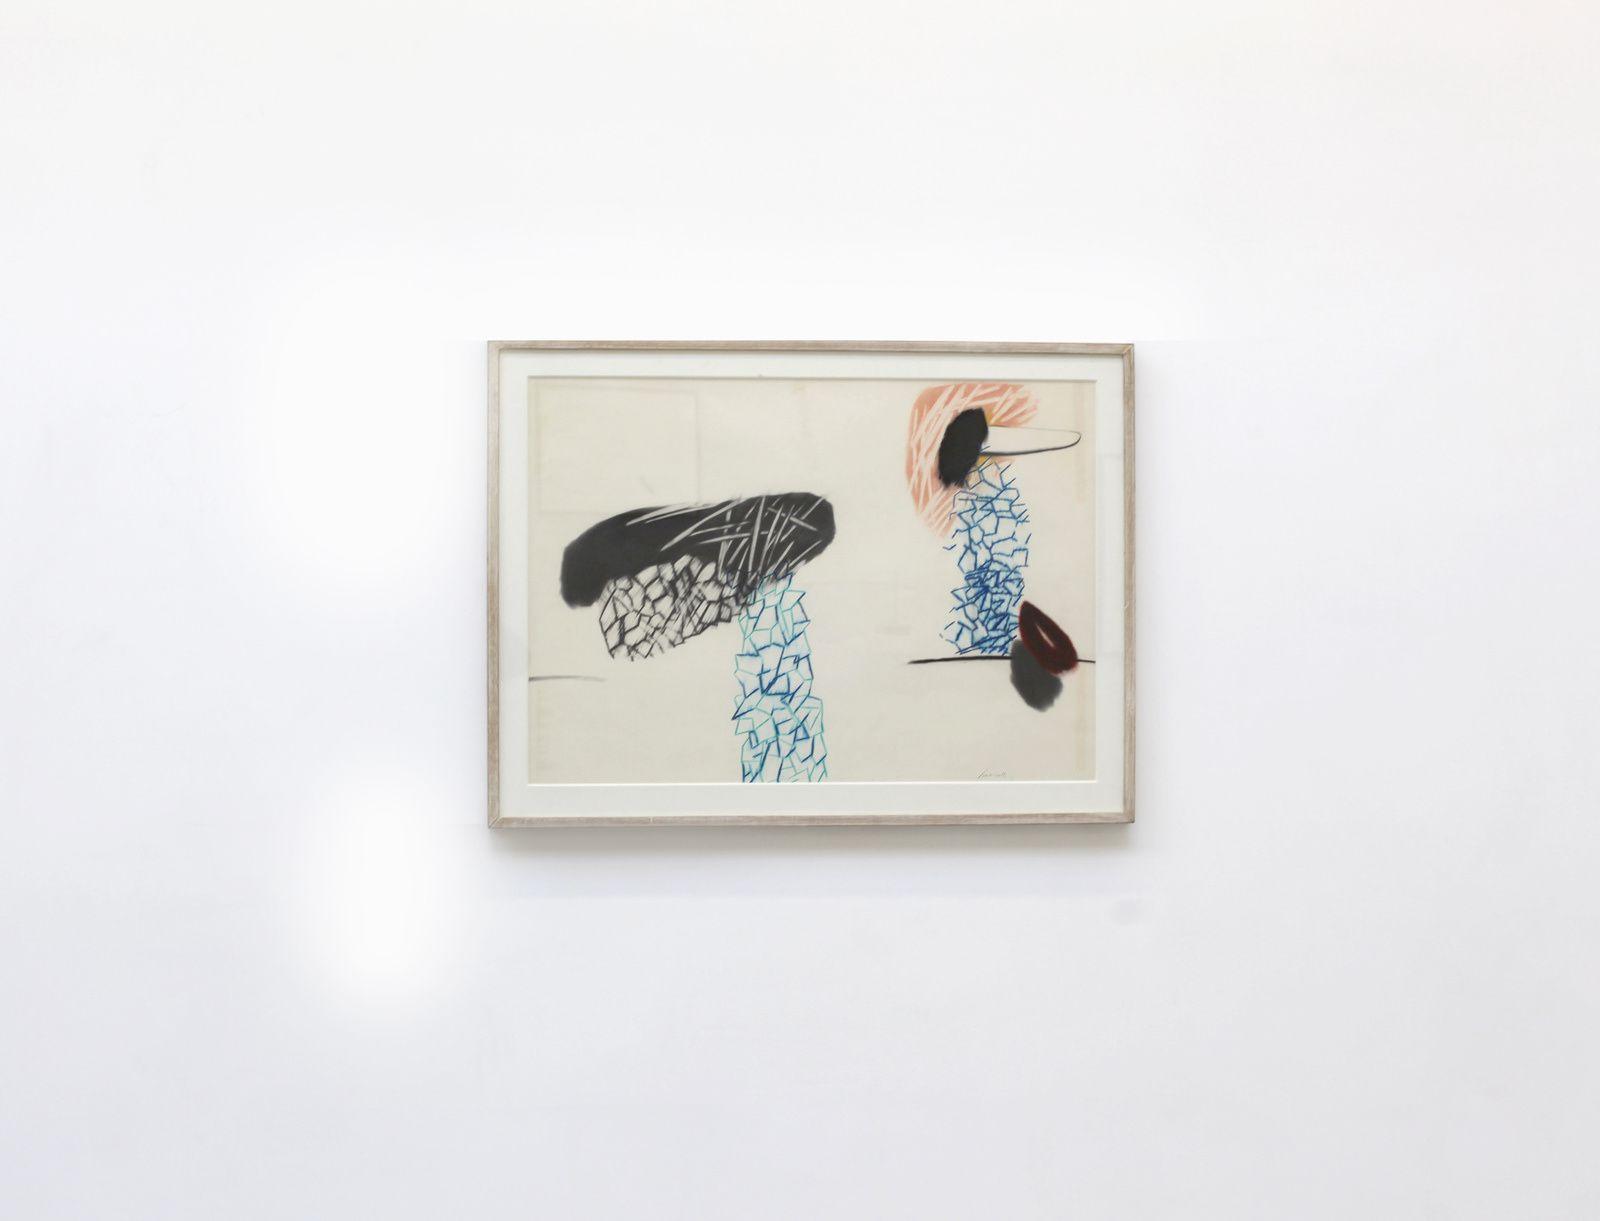 """""""Sans titre (passant luisant)"""", 1984 de Daniel POMMEREULLE - Courtesy Galerie Christophe Gaillard © Photo Éric Simon"""